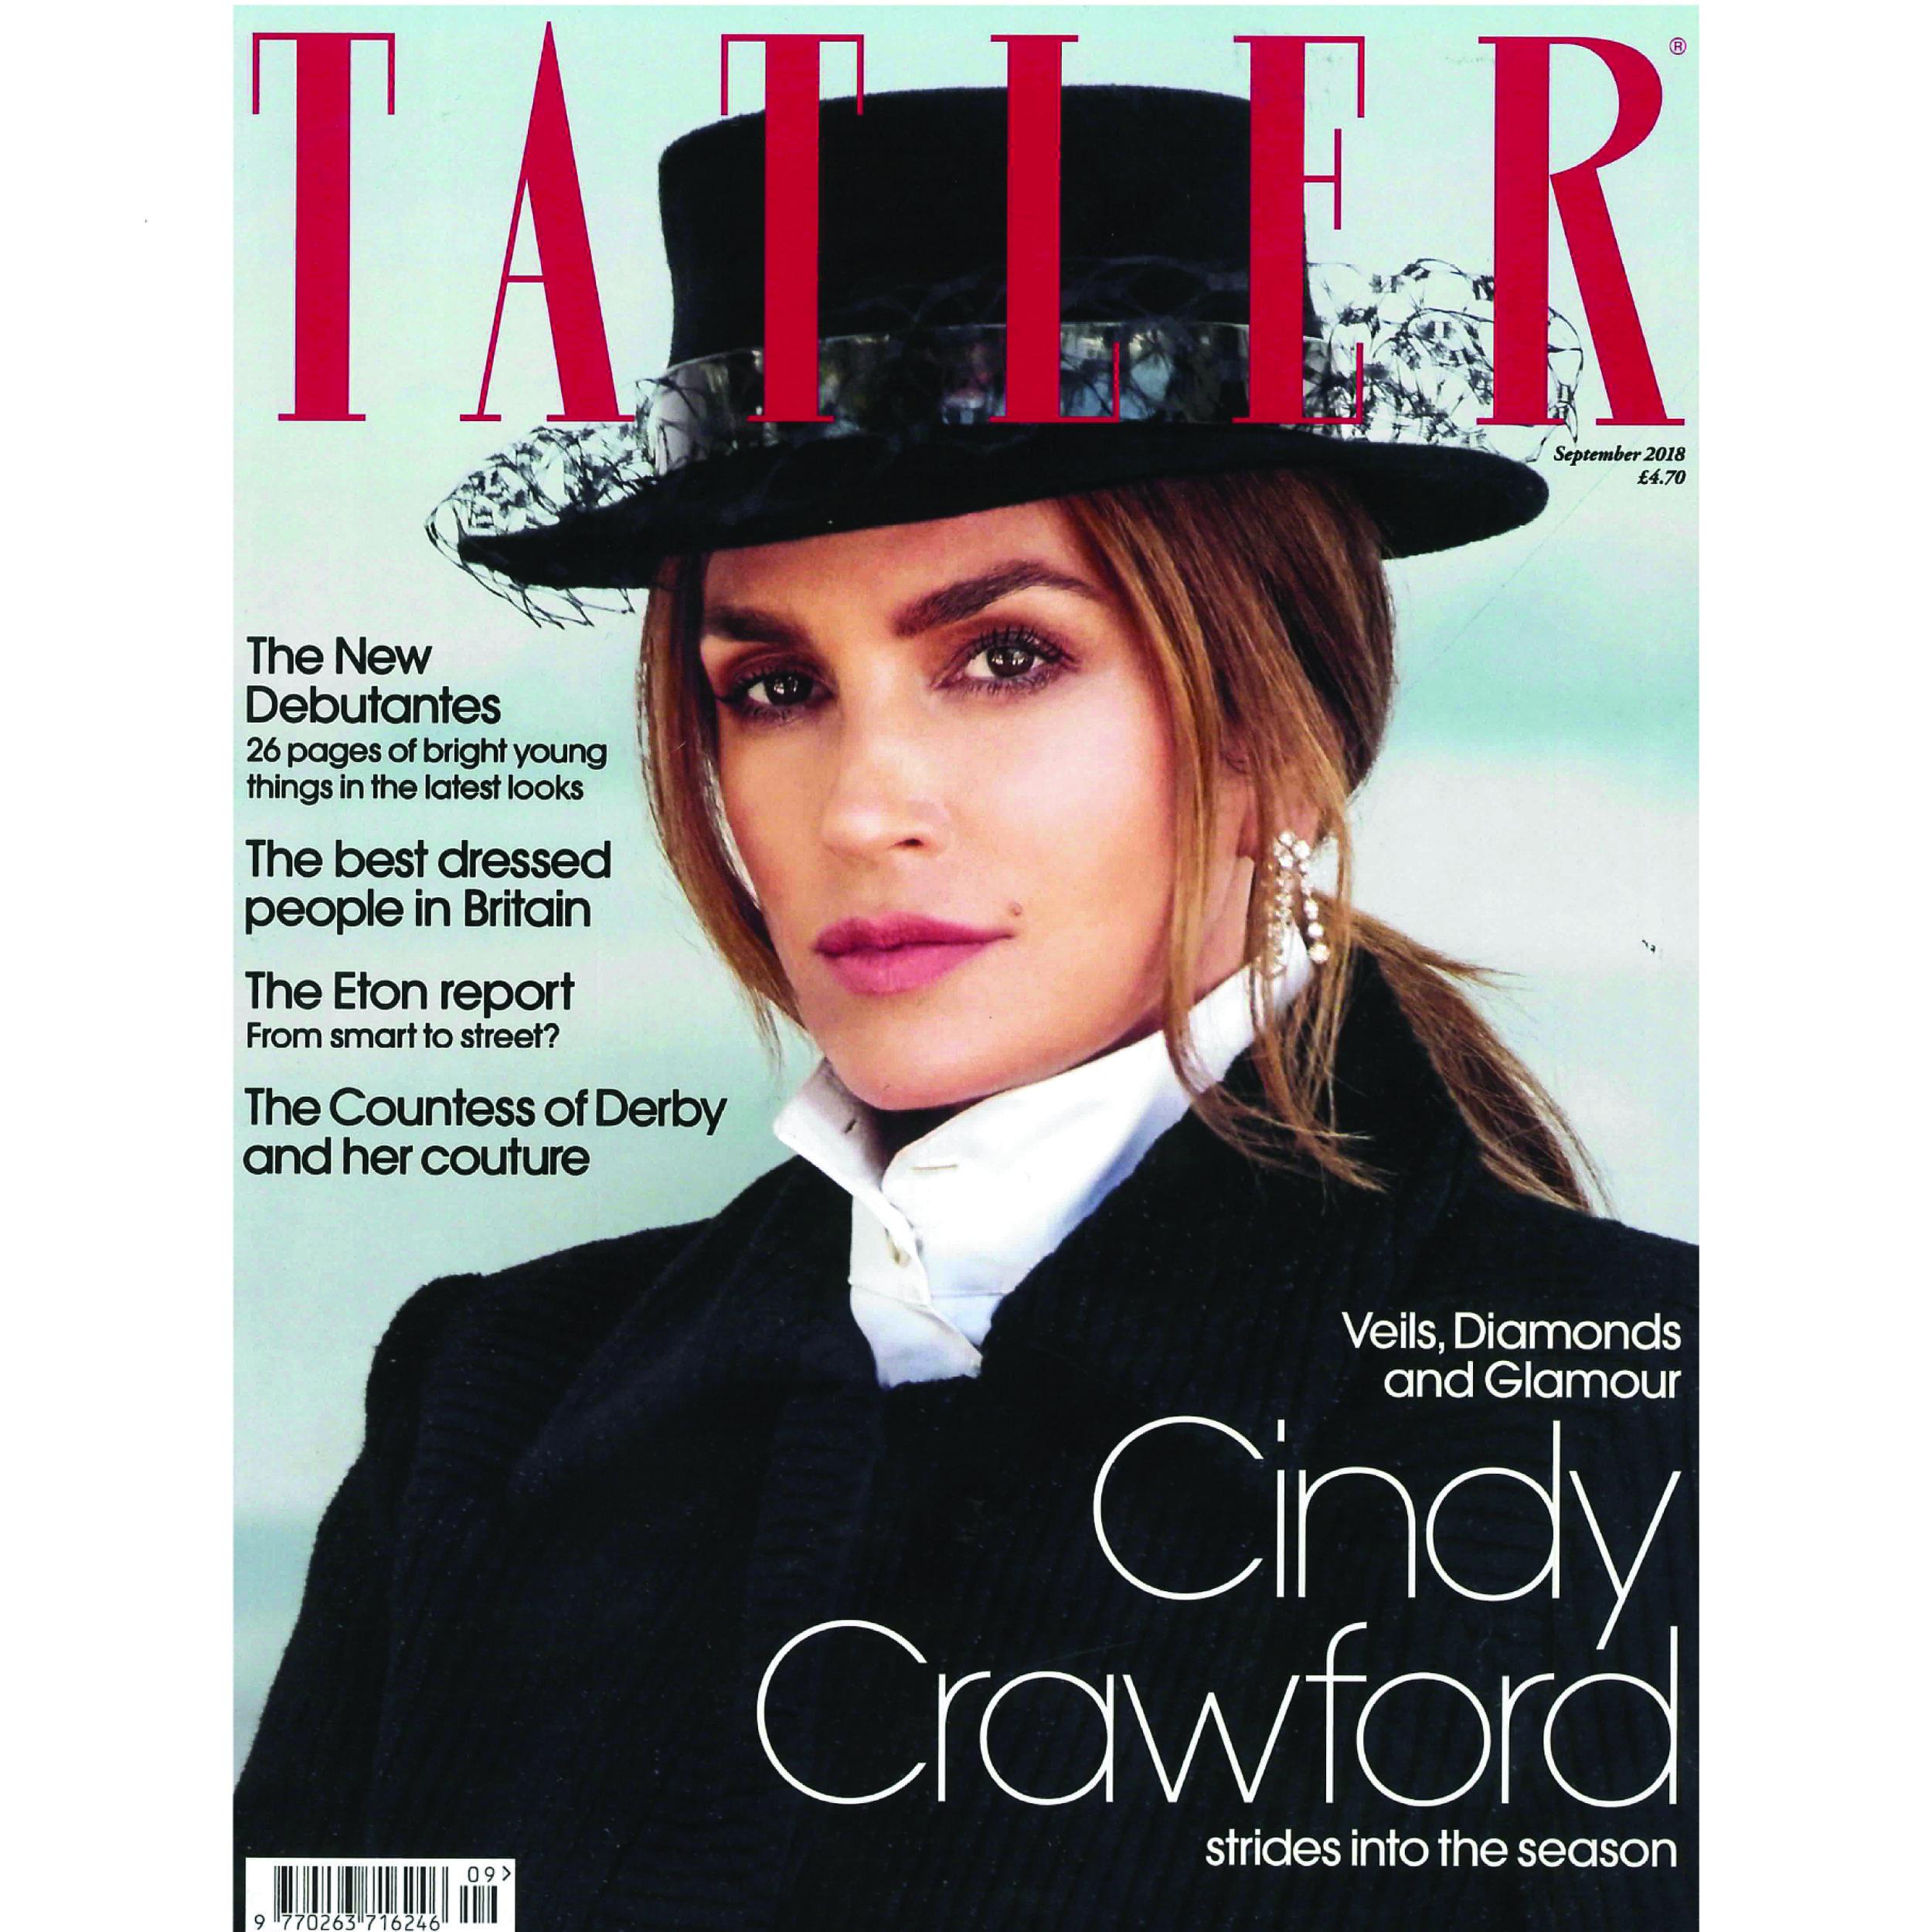 Tatler September 2018 Gallery Images-06.jpg